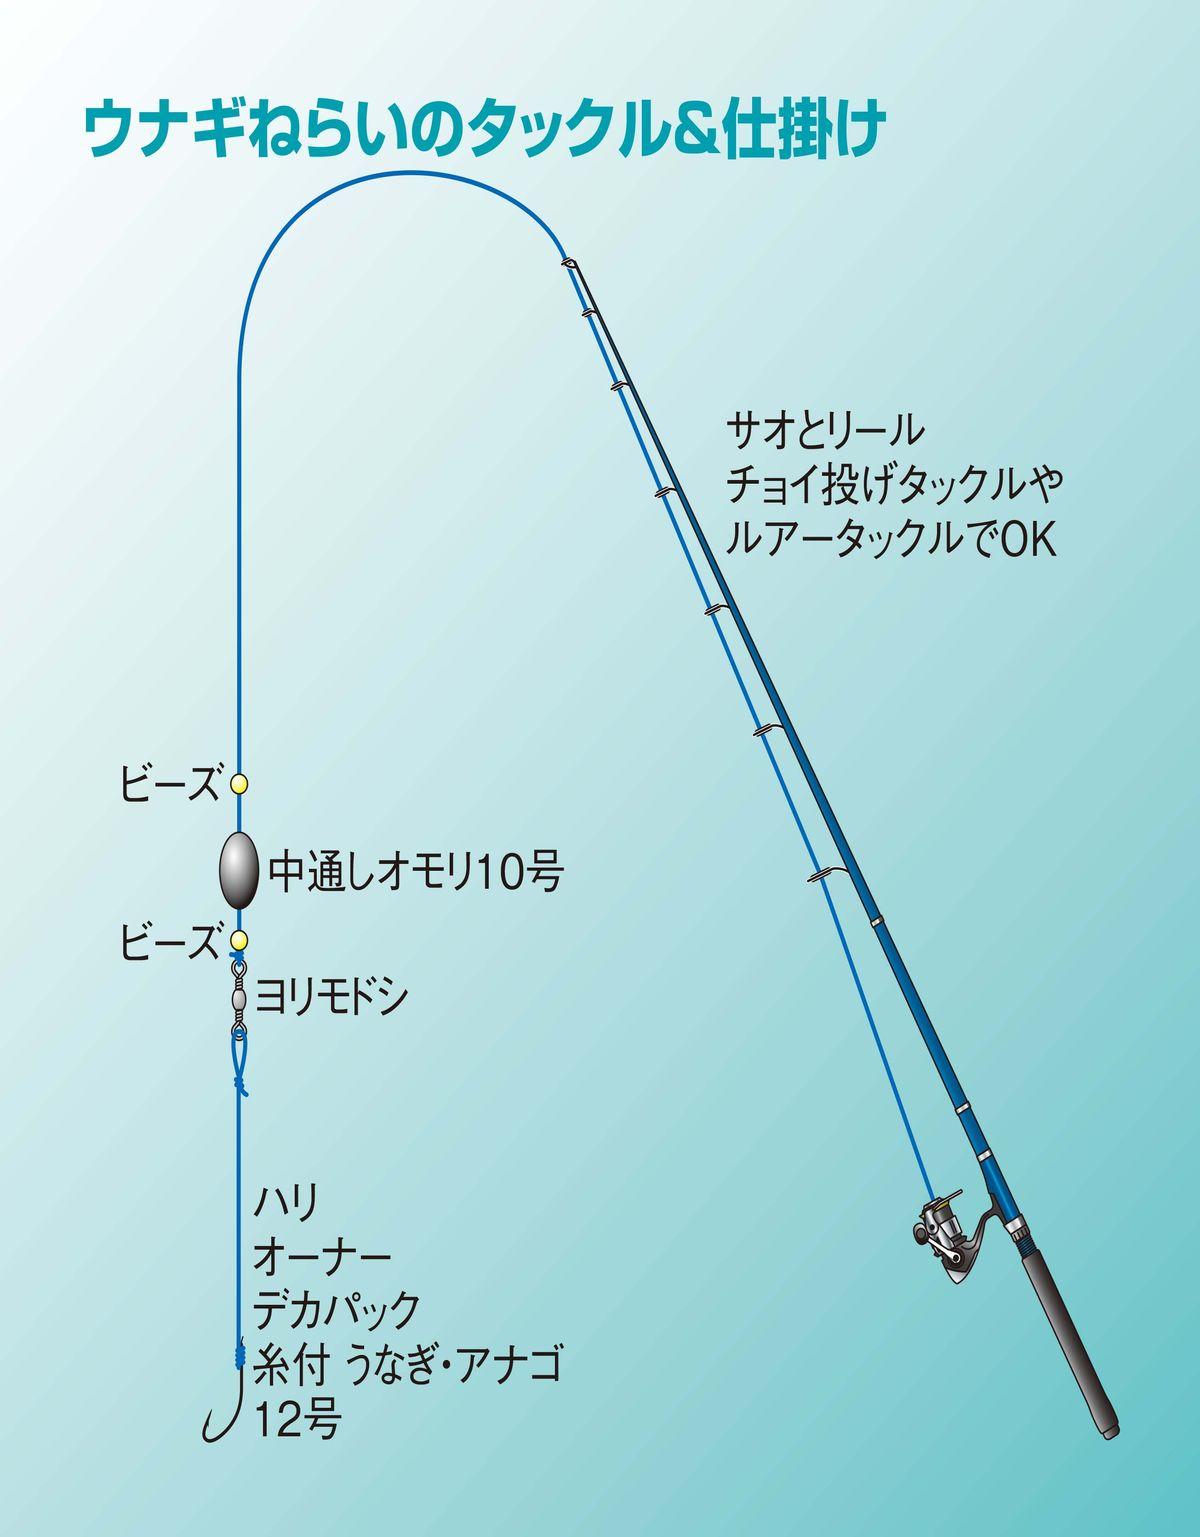 120-123tamagawa_cs6 (2)